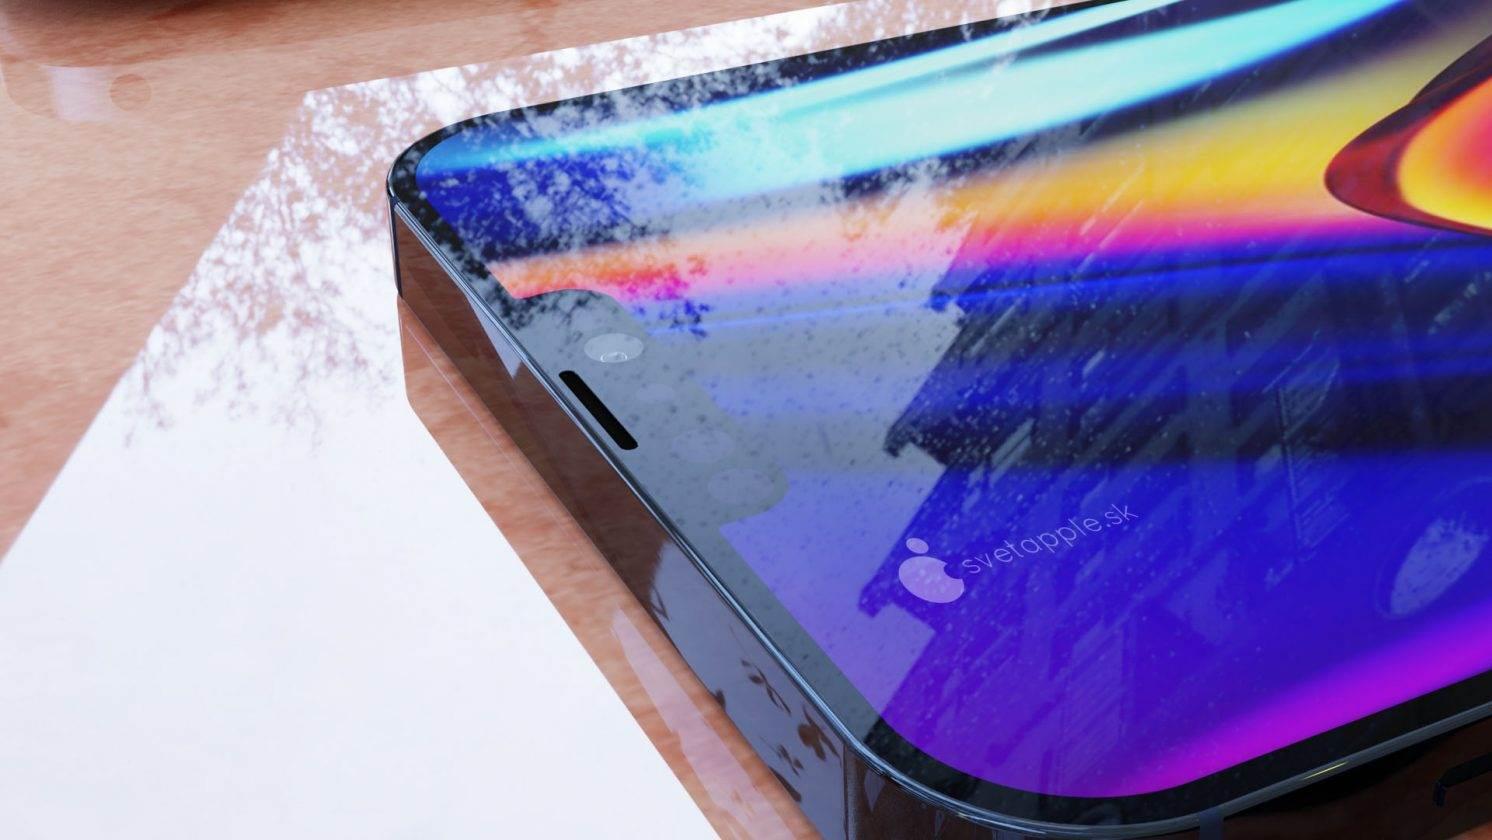 Granatowy kolor i design w stylu iPada Pro - zobacz nowe rendery iPhone 12 Pro polecane, ciekawostki wygląd iPhone 12 Pro, rendery, iPhone 12 Pro  Svetapple opublikował nowe rendery iPhone 12 Pro, które powstały na podstawie najnowszych przecieków. Urządzenie wygląda genialnie. Musicie koniecznie to zobaczyć. iPhone12Pro 1